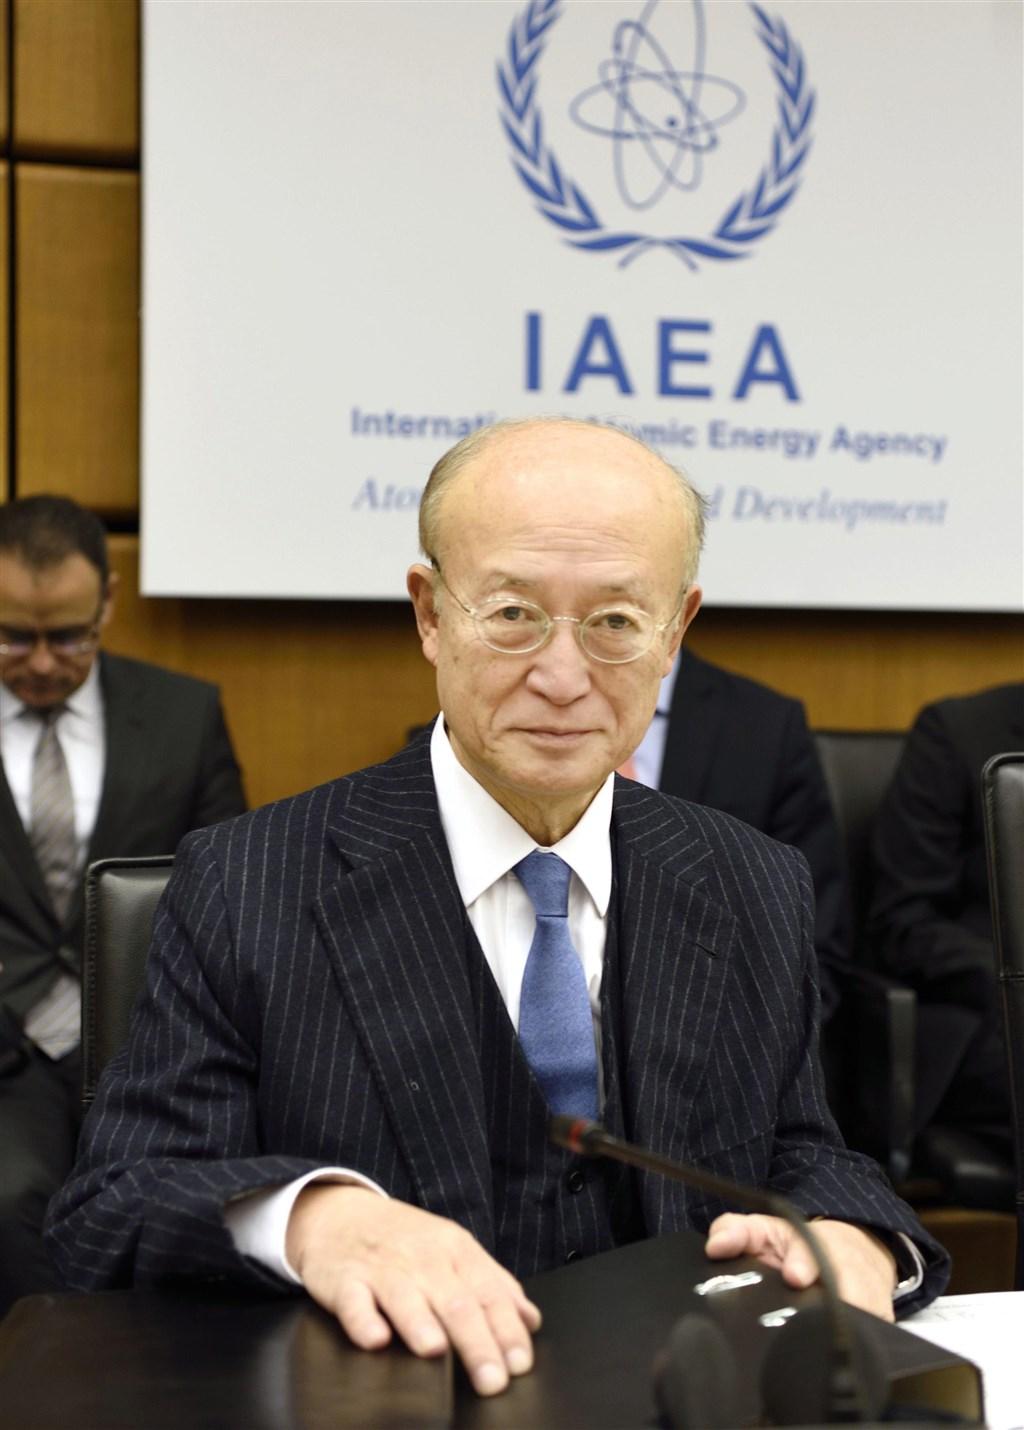 國際原子能總署22日表示,因病準備提早卸任的署長天野之彌已經逝世,享壽72歲。(共同社提供)